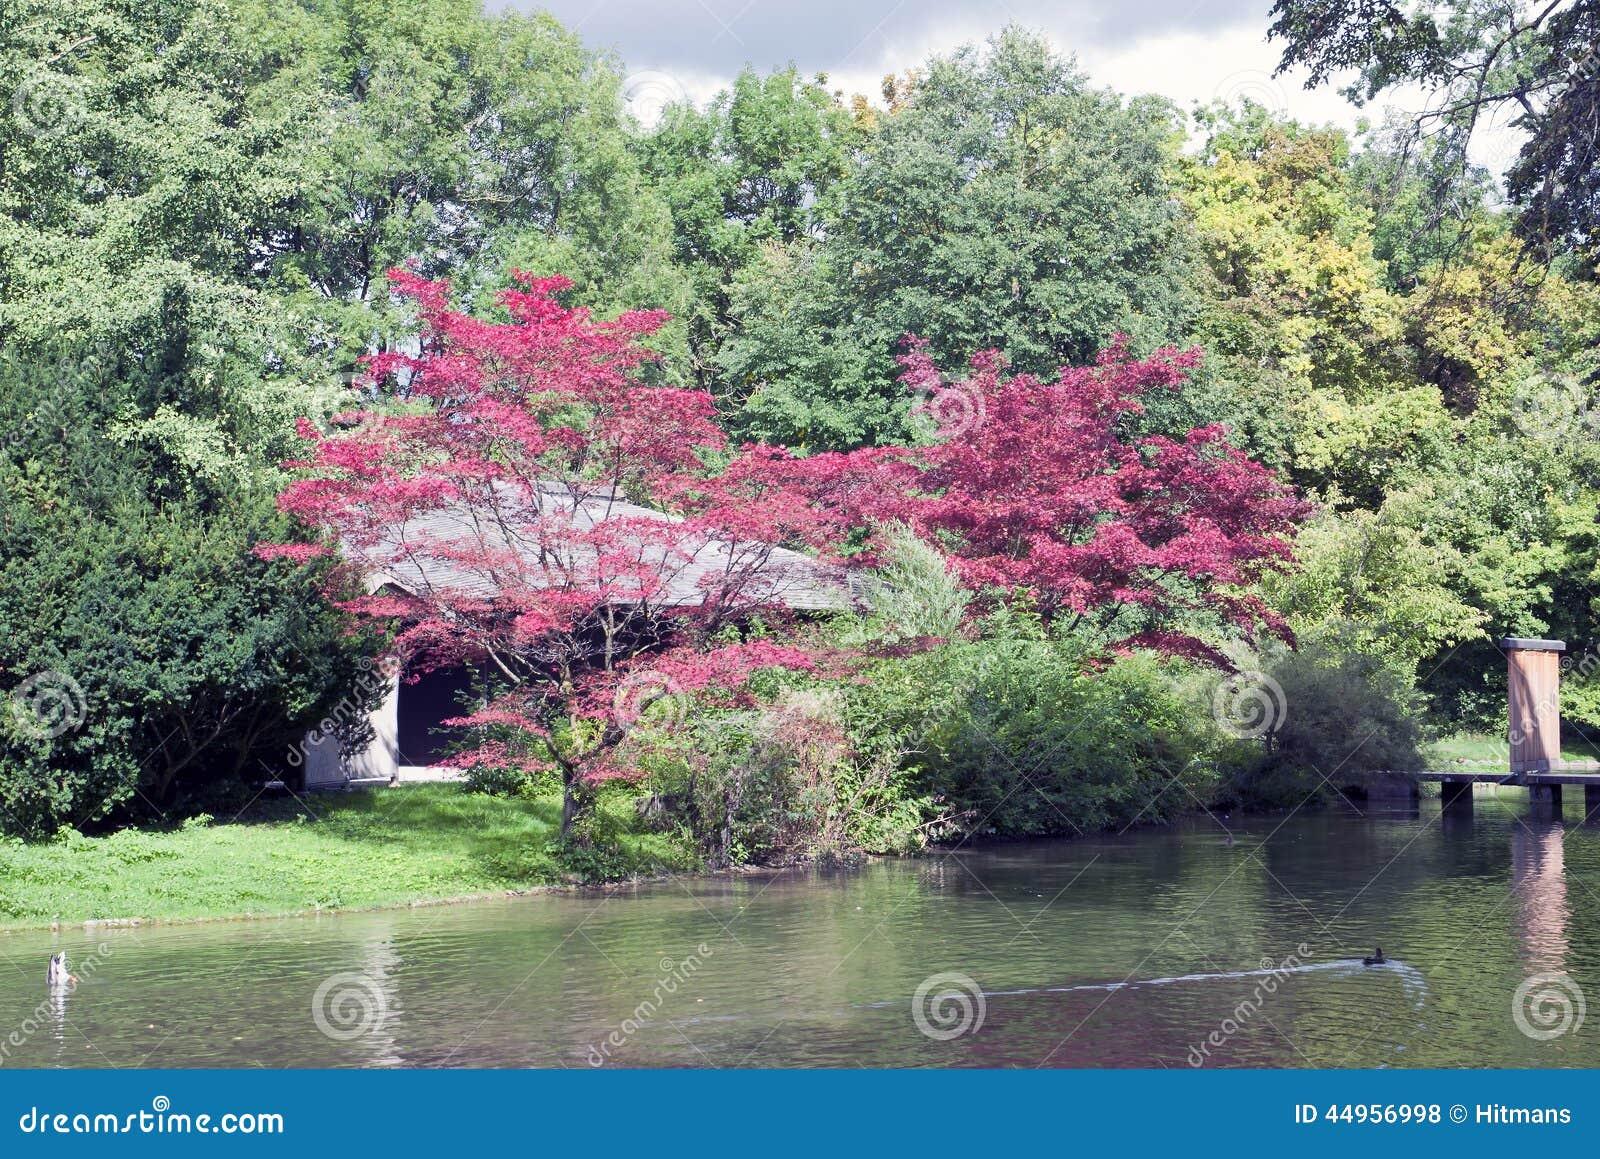 Maison de th japonaise dans le jardin anglais munich for Jardin anglais munich naturisme